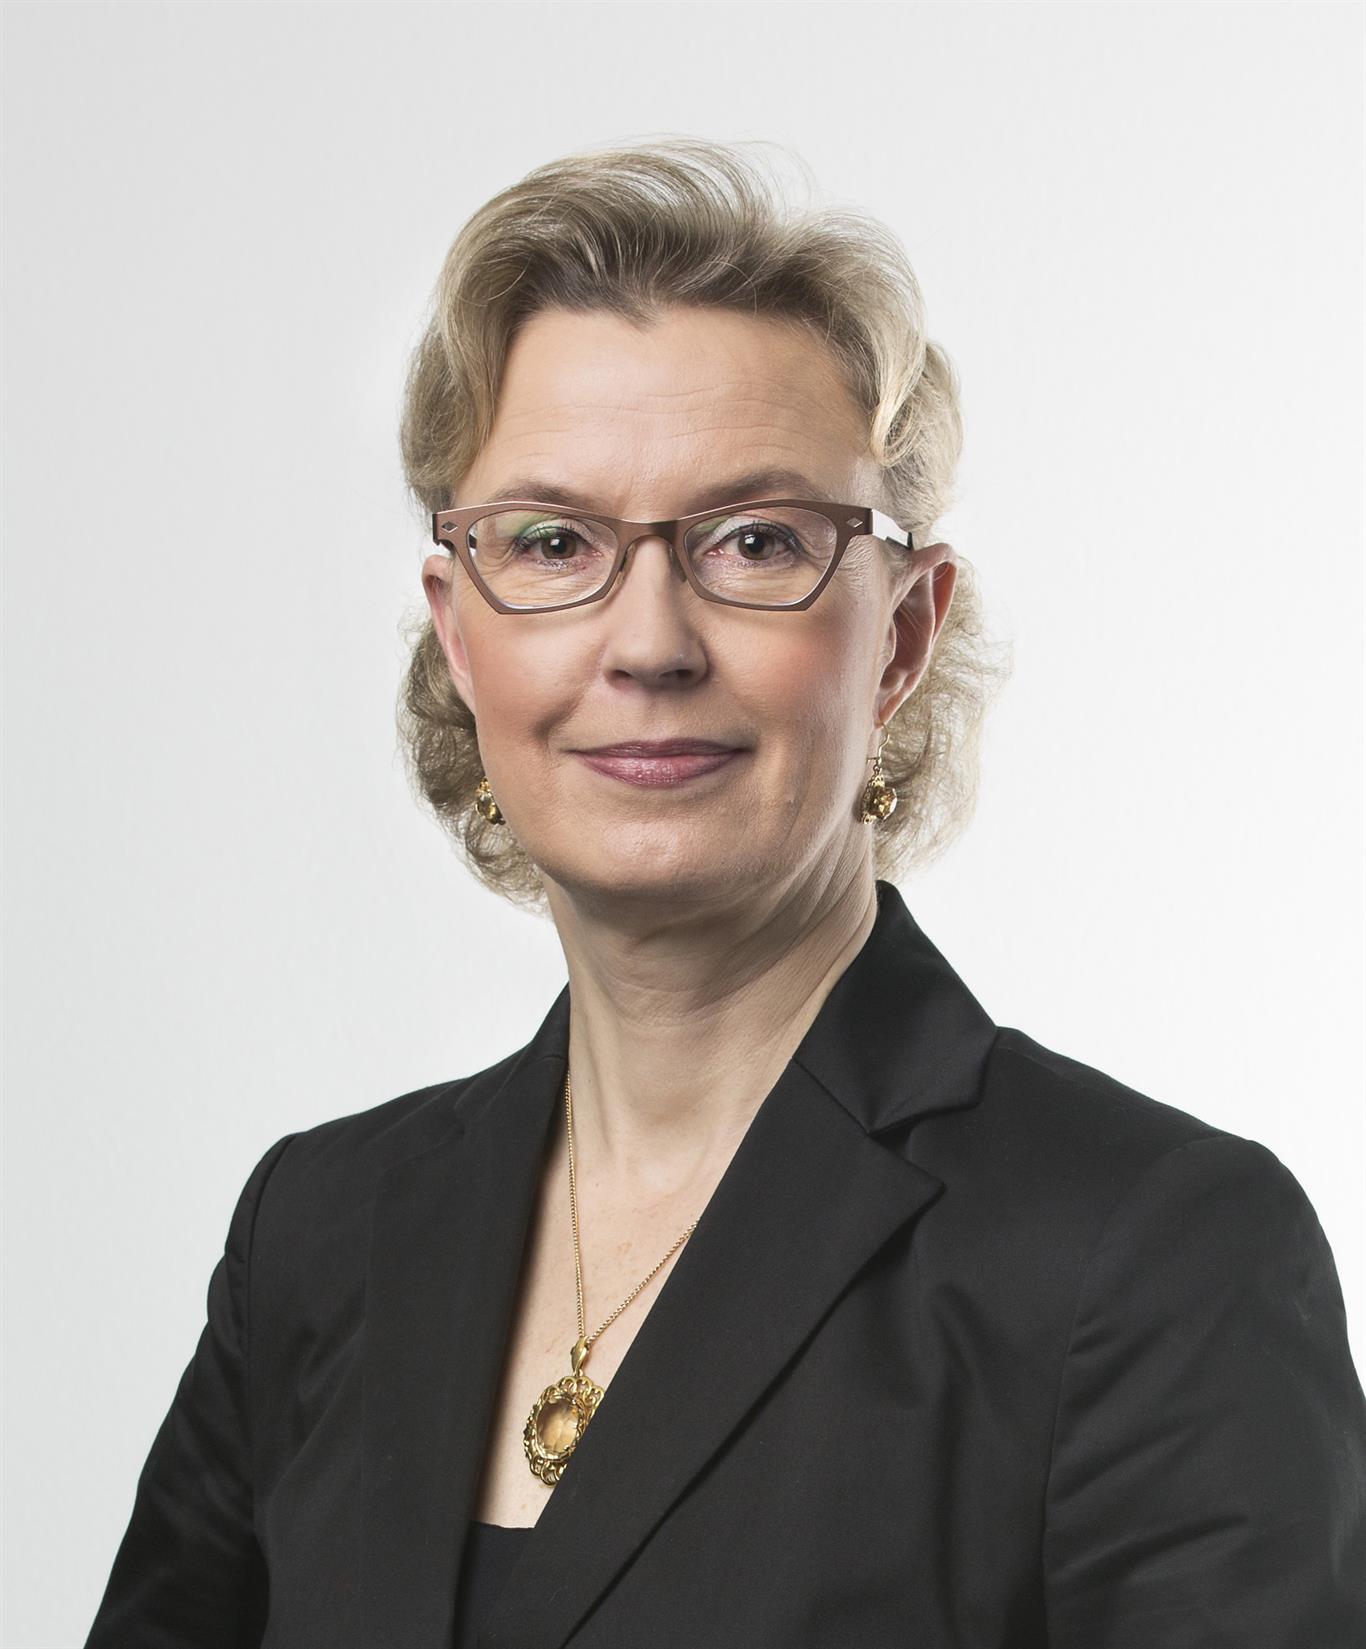 Anu Hämäläinen